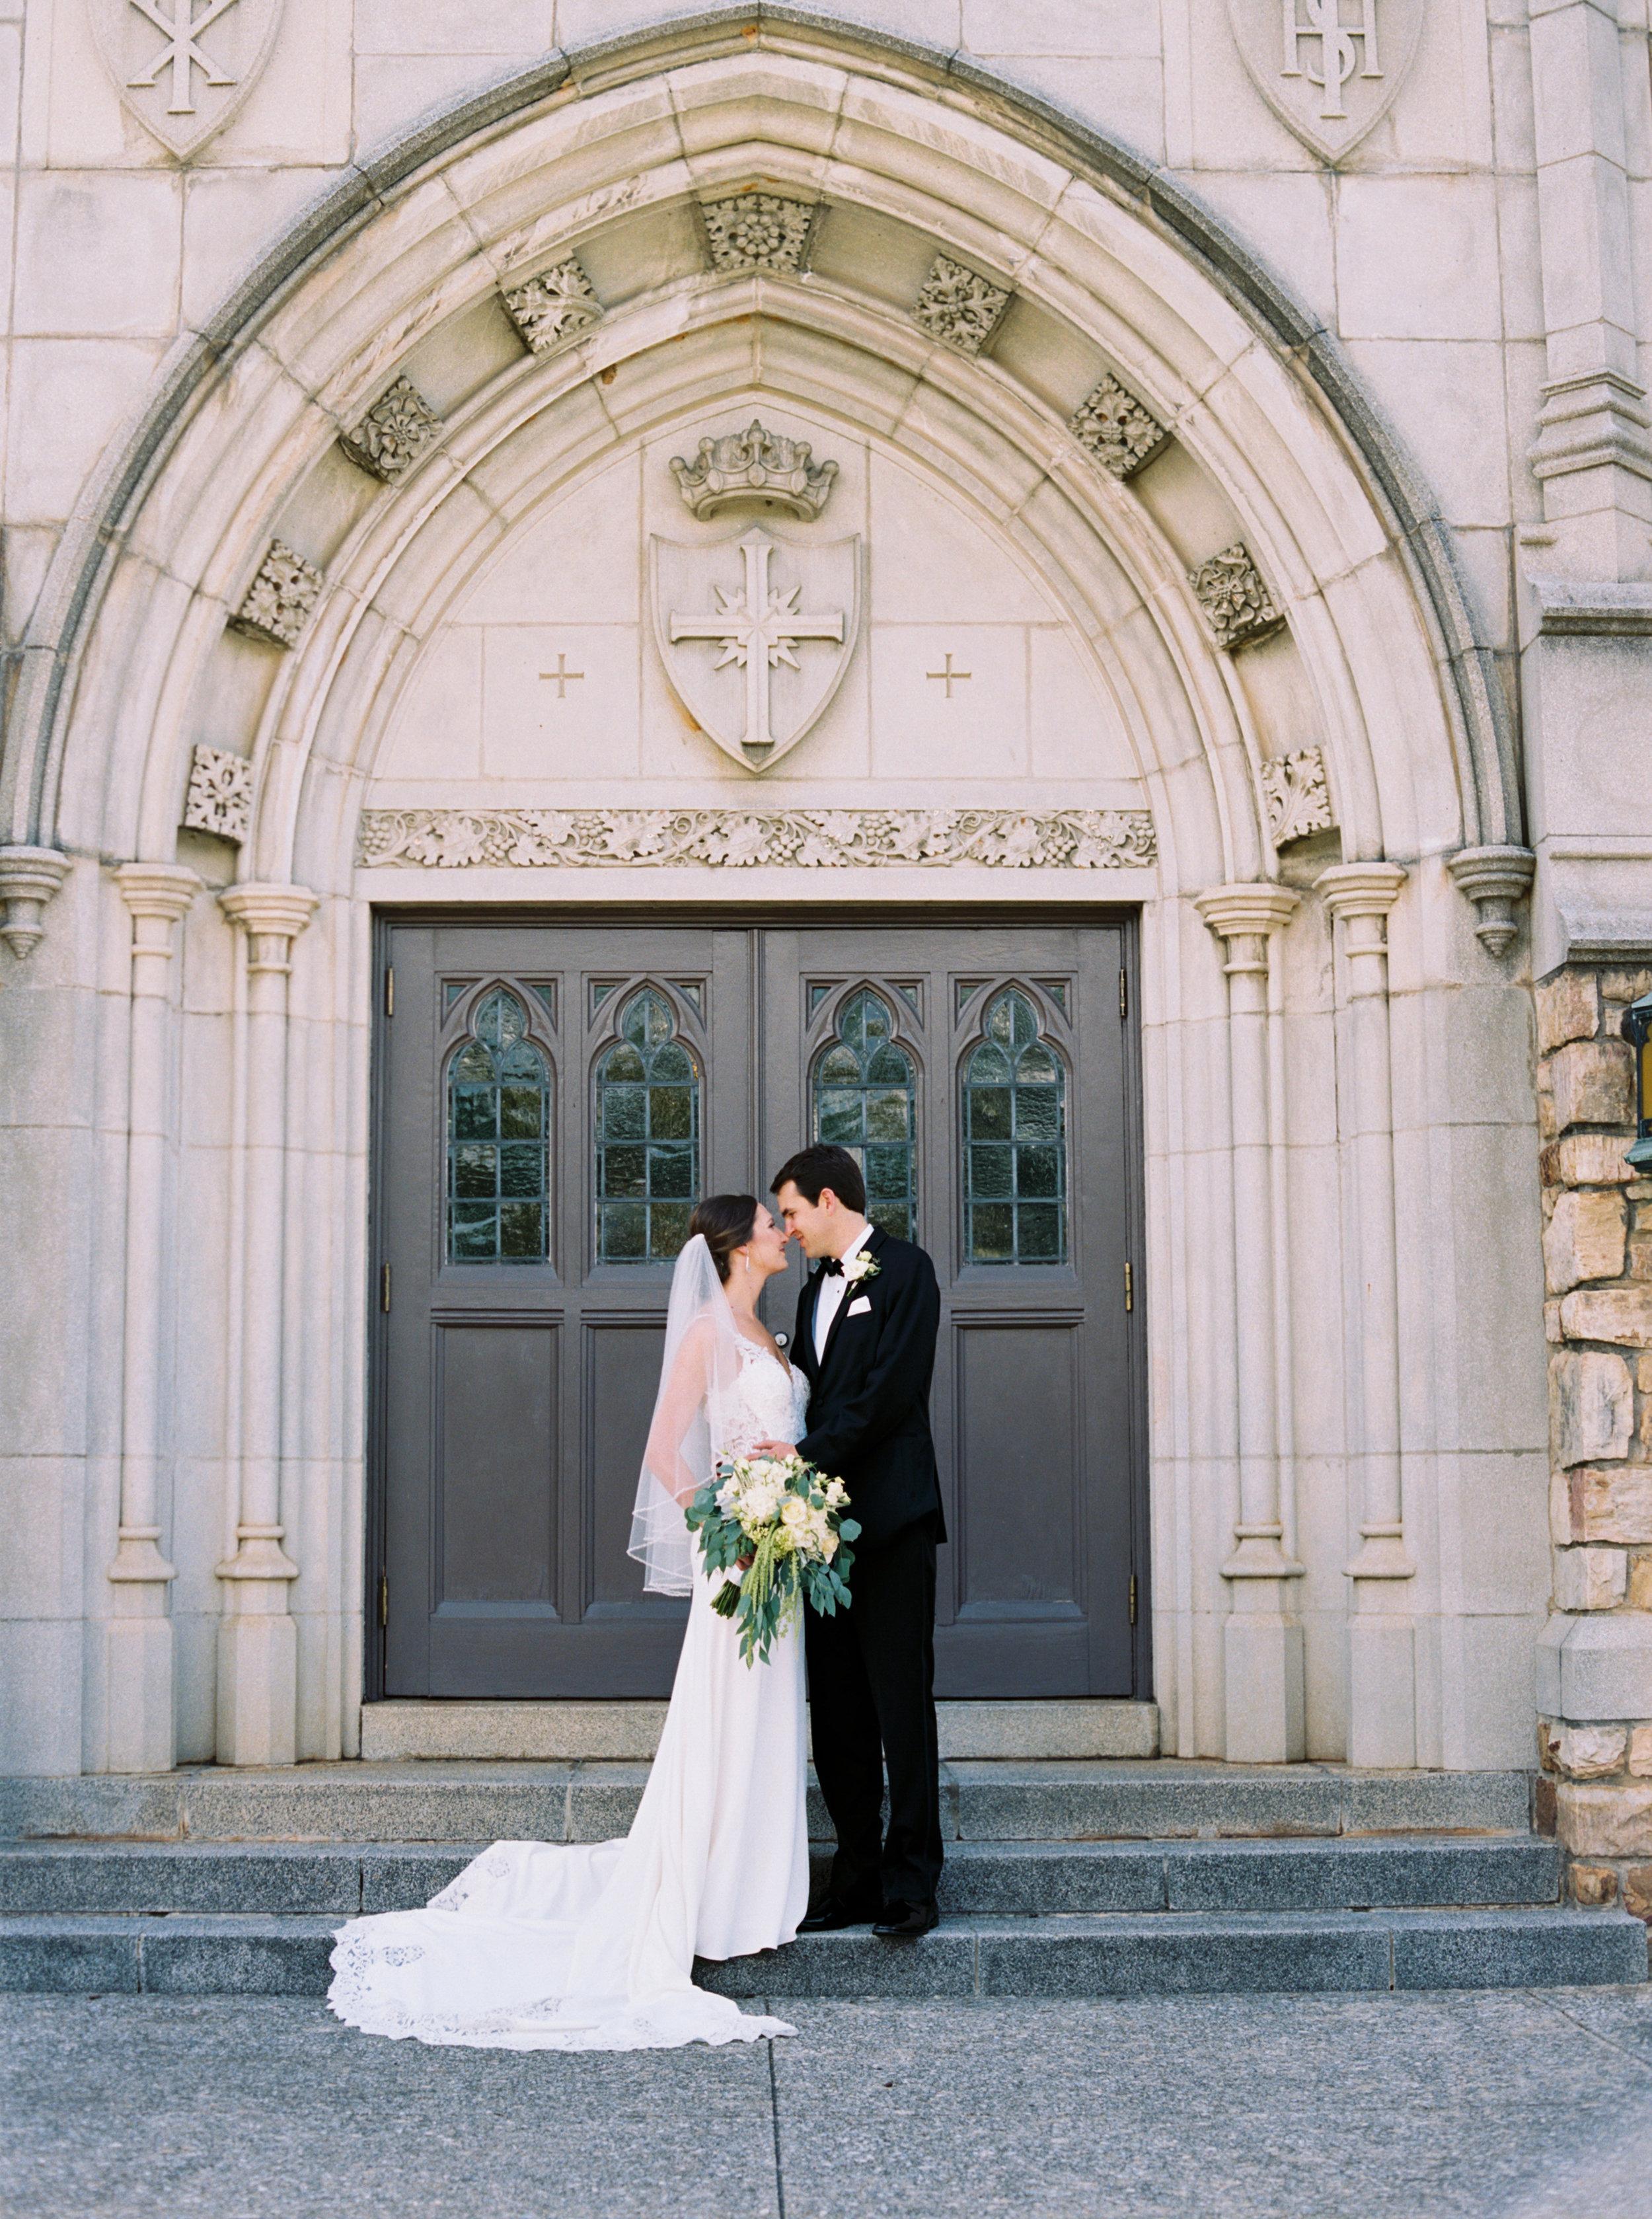 JJ_Sarah_Wedding_Abigail_Malone_Photography-321.jpg